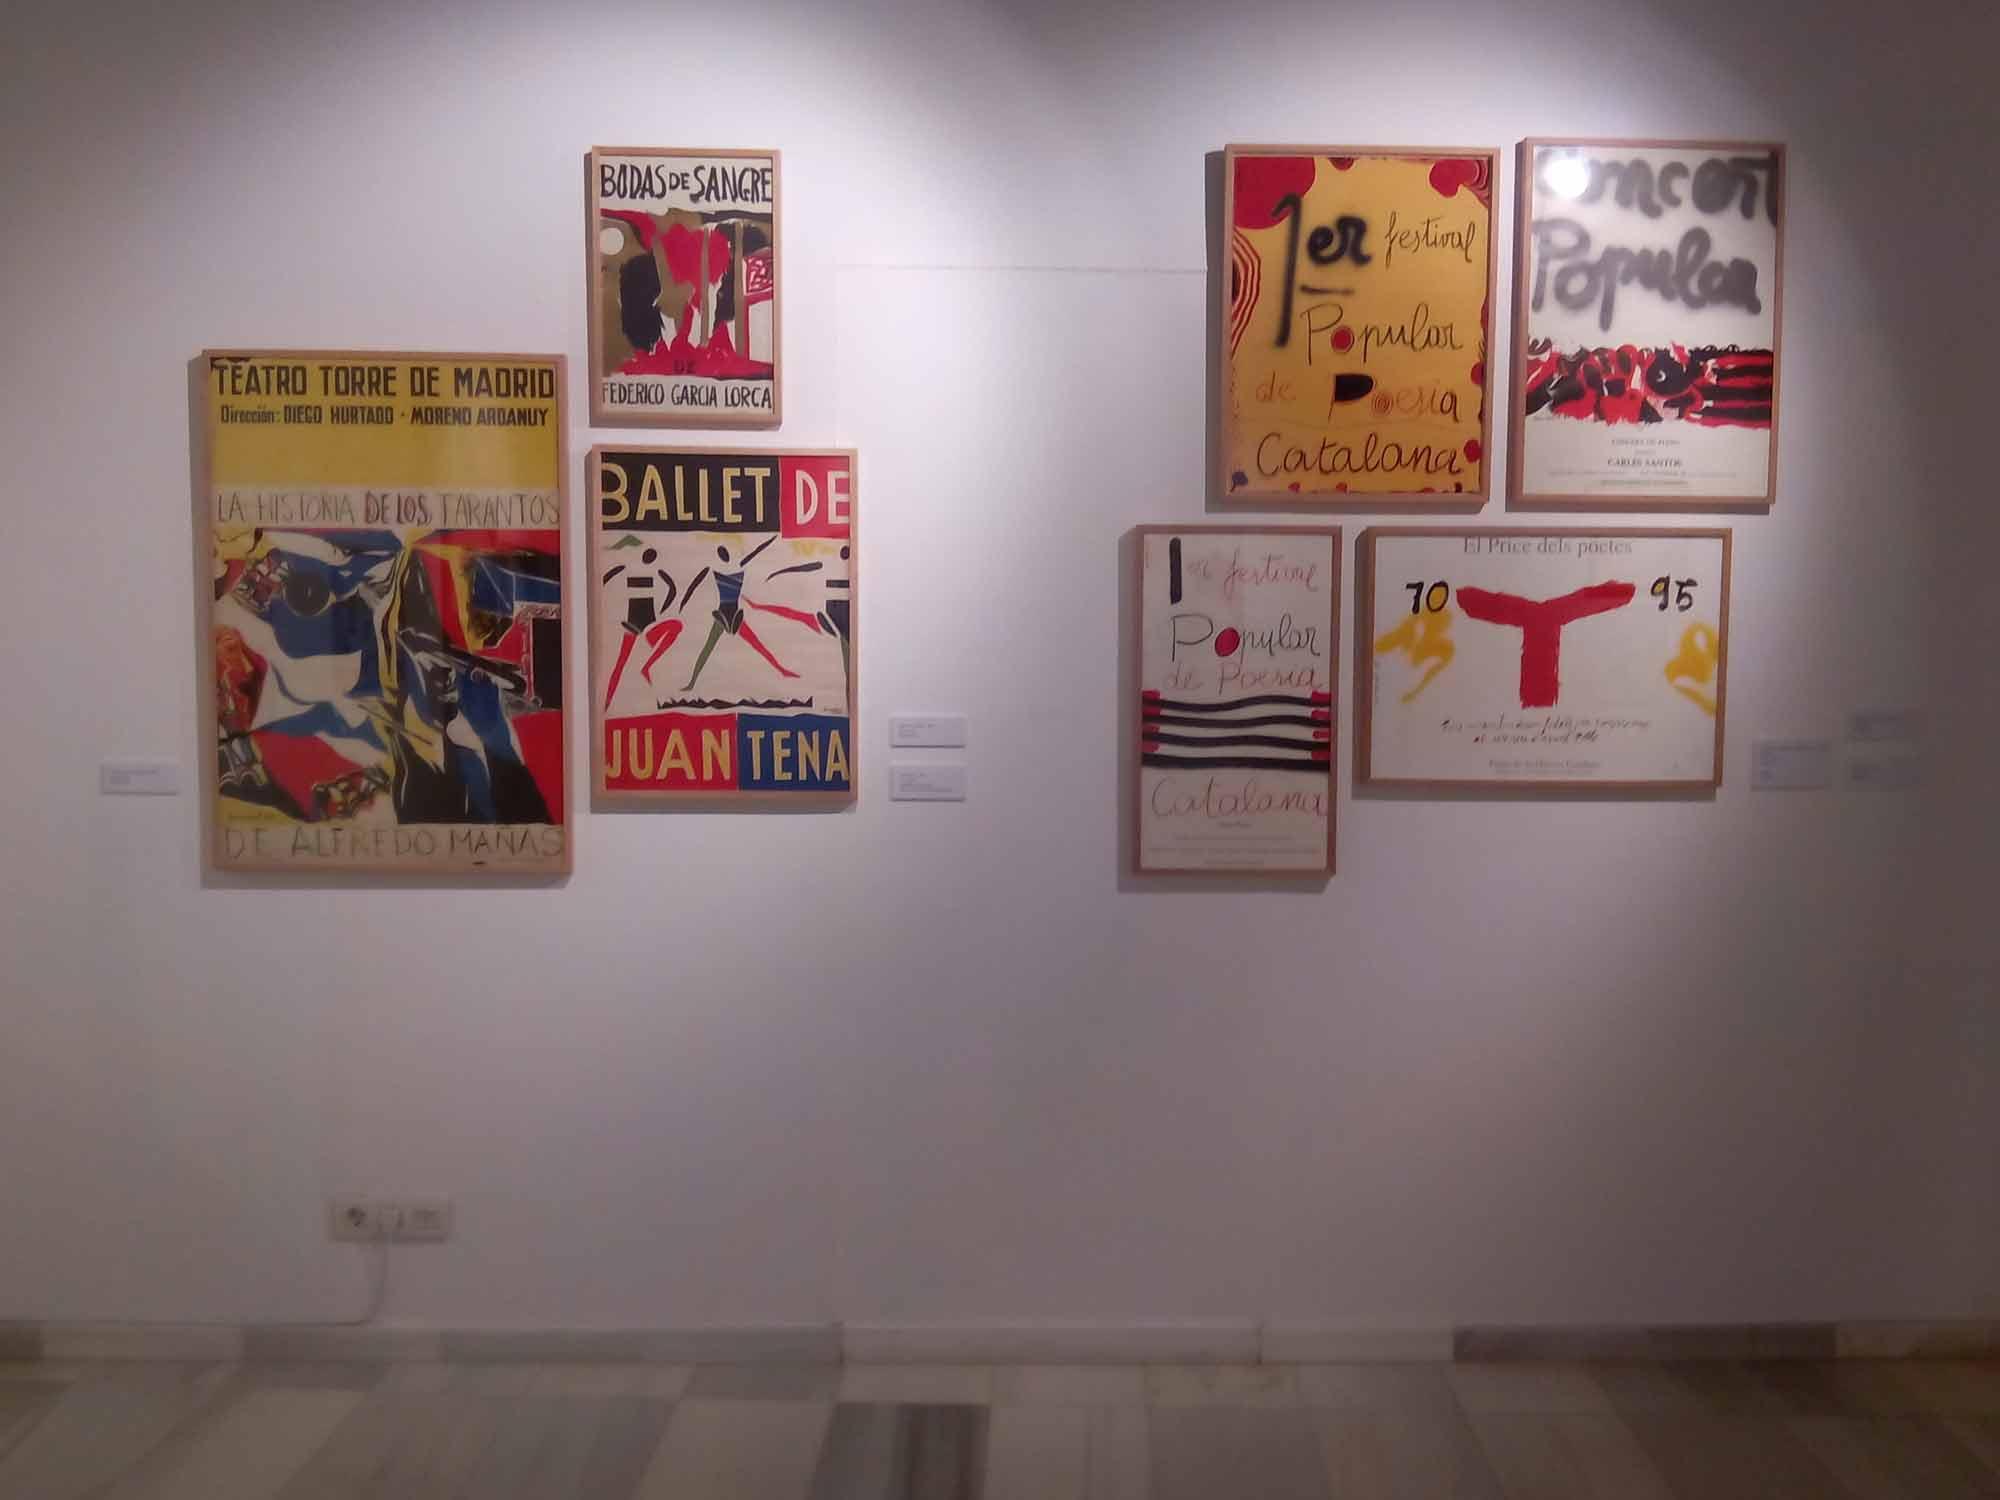 """Exposició """"Guinovart. Temps de cartells"""", Museu de l'Hospitalet, del 12 desembre 2017 al 28 gener 2018"""